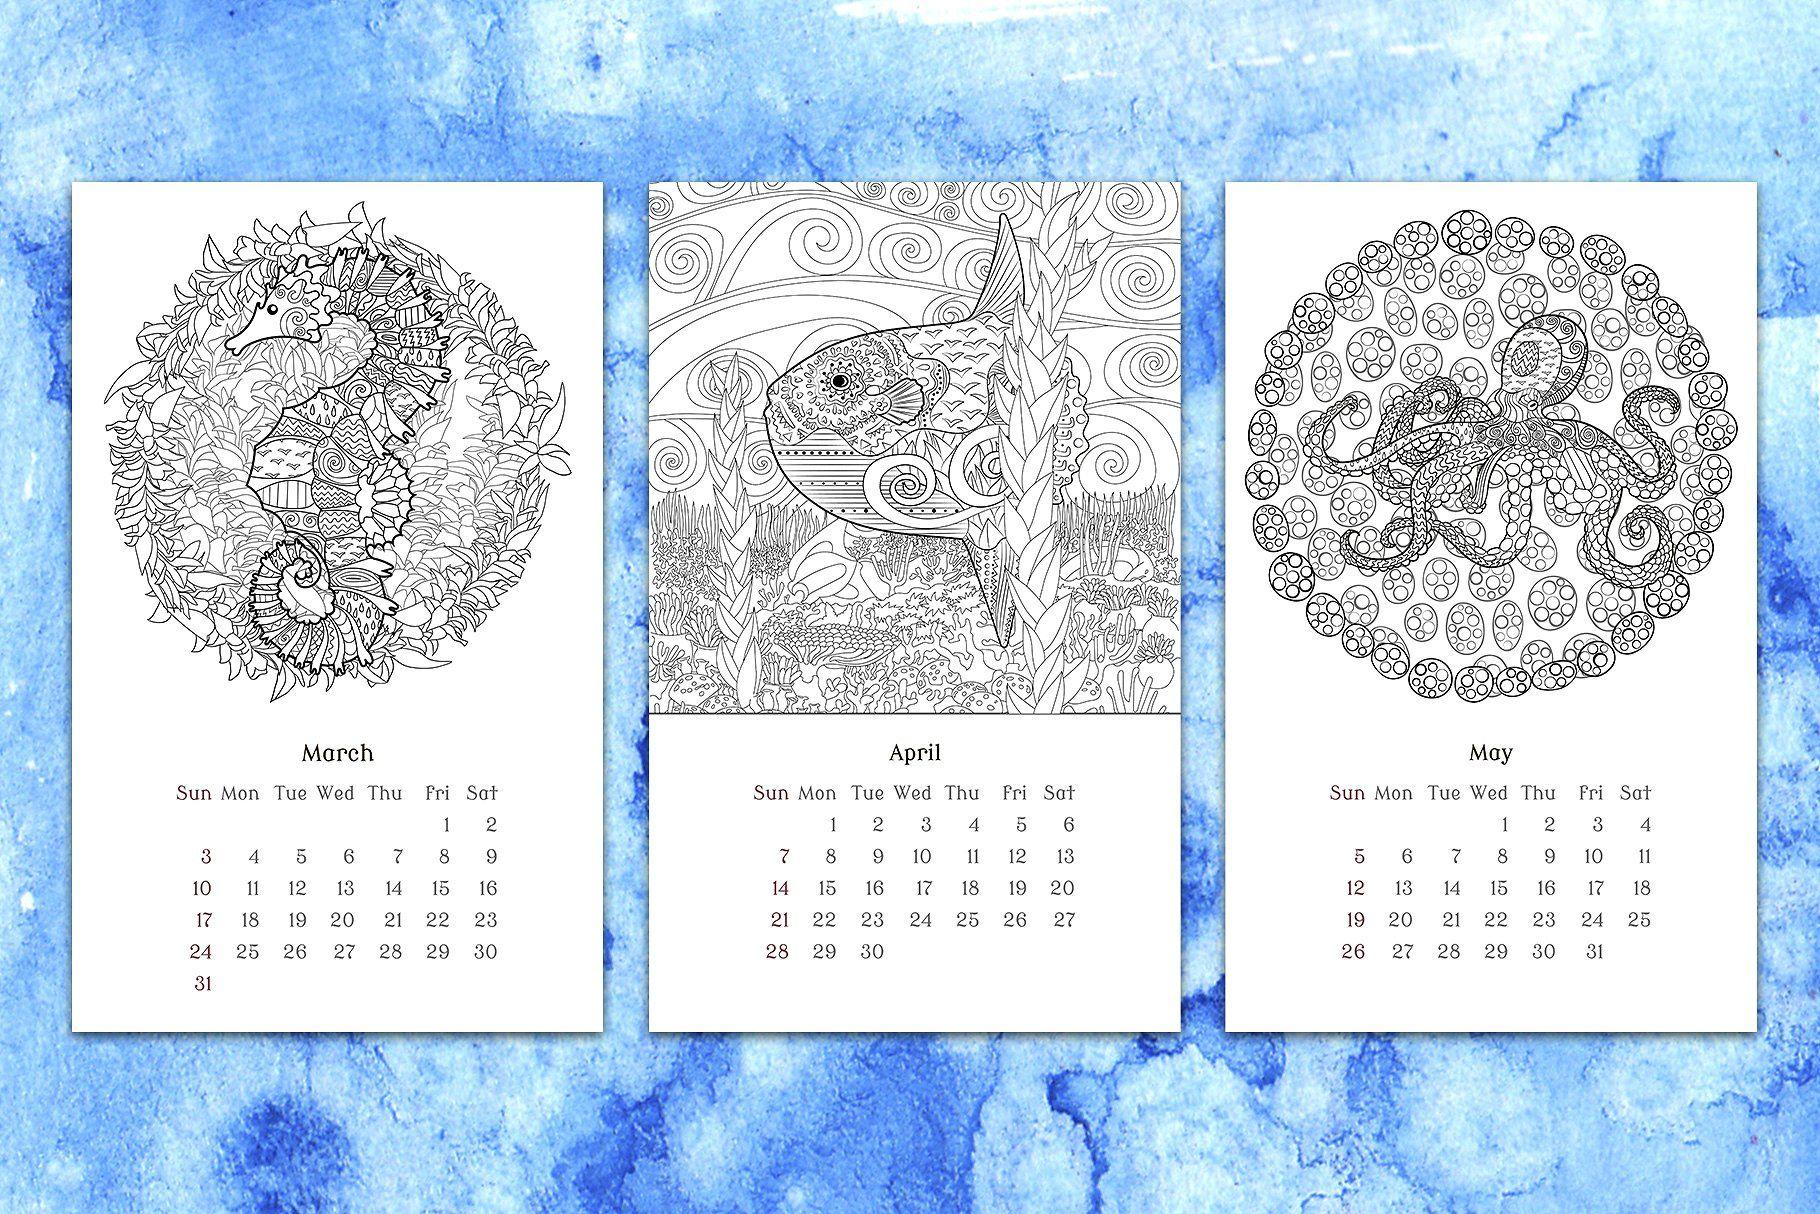 Coloring book Calendar 2020. Coloring books, Calendar